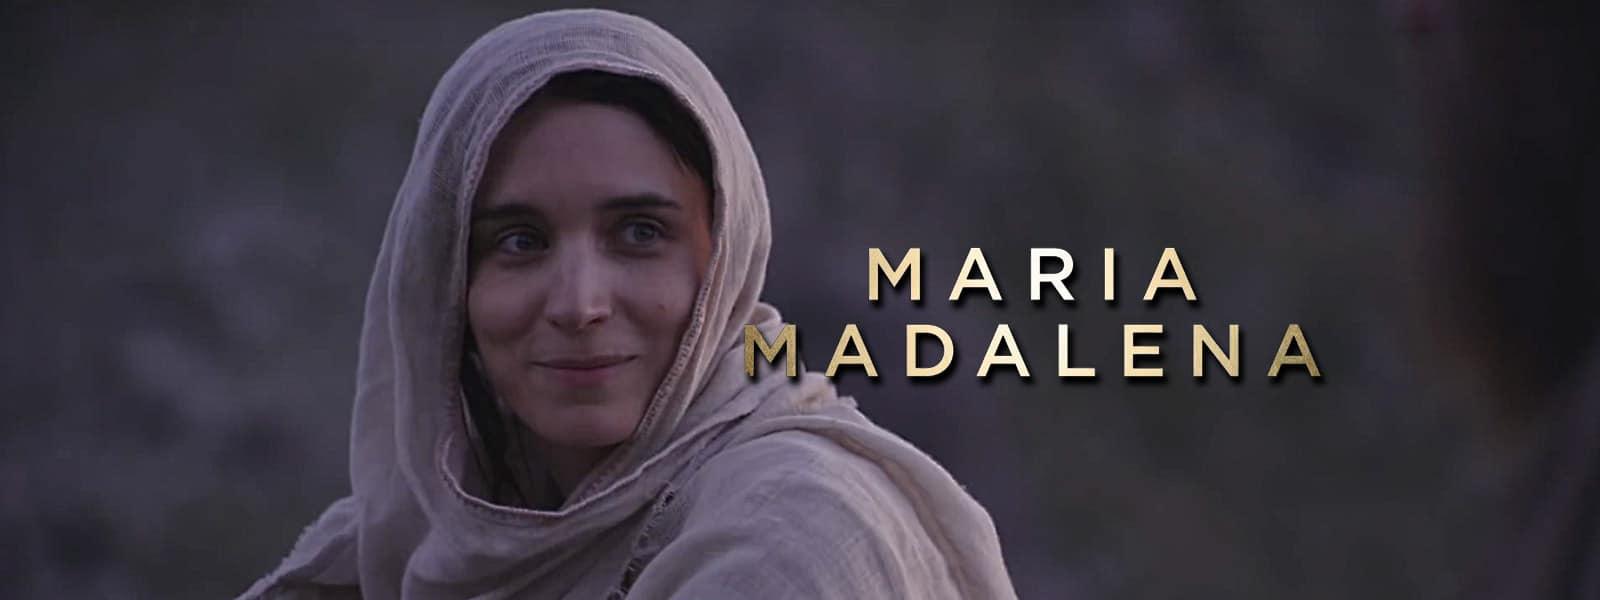 Maria Madalena | Cine Goiânia